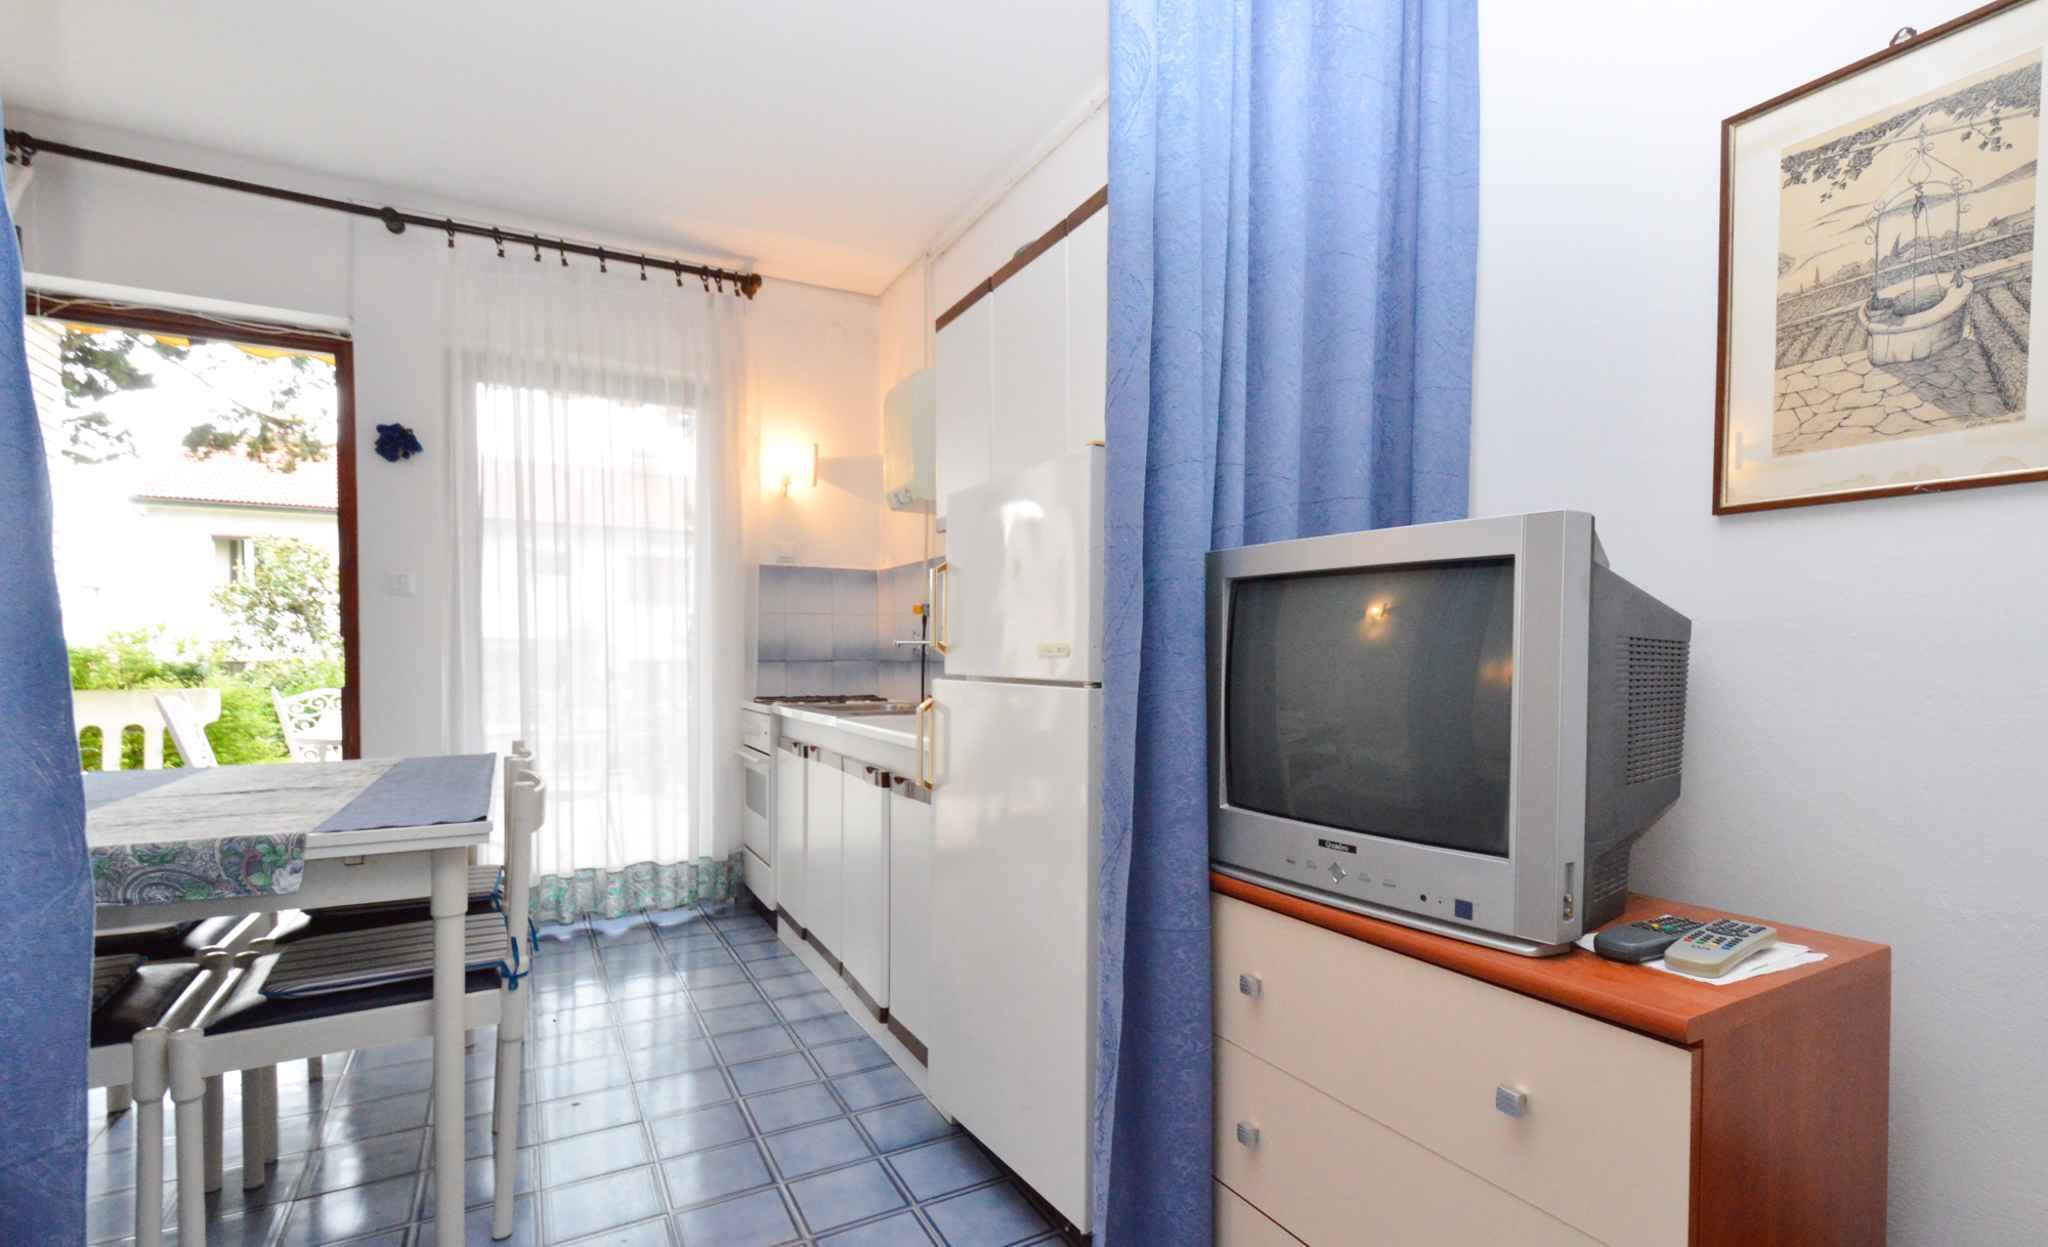 Ferienwohnung in ruhiger Lage (280677), Pula, , Istrien, Kroatien, Bild 7